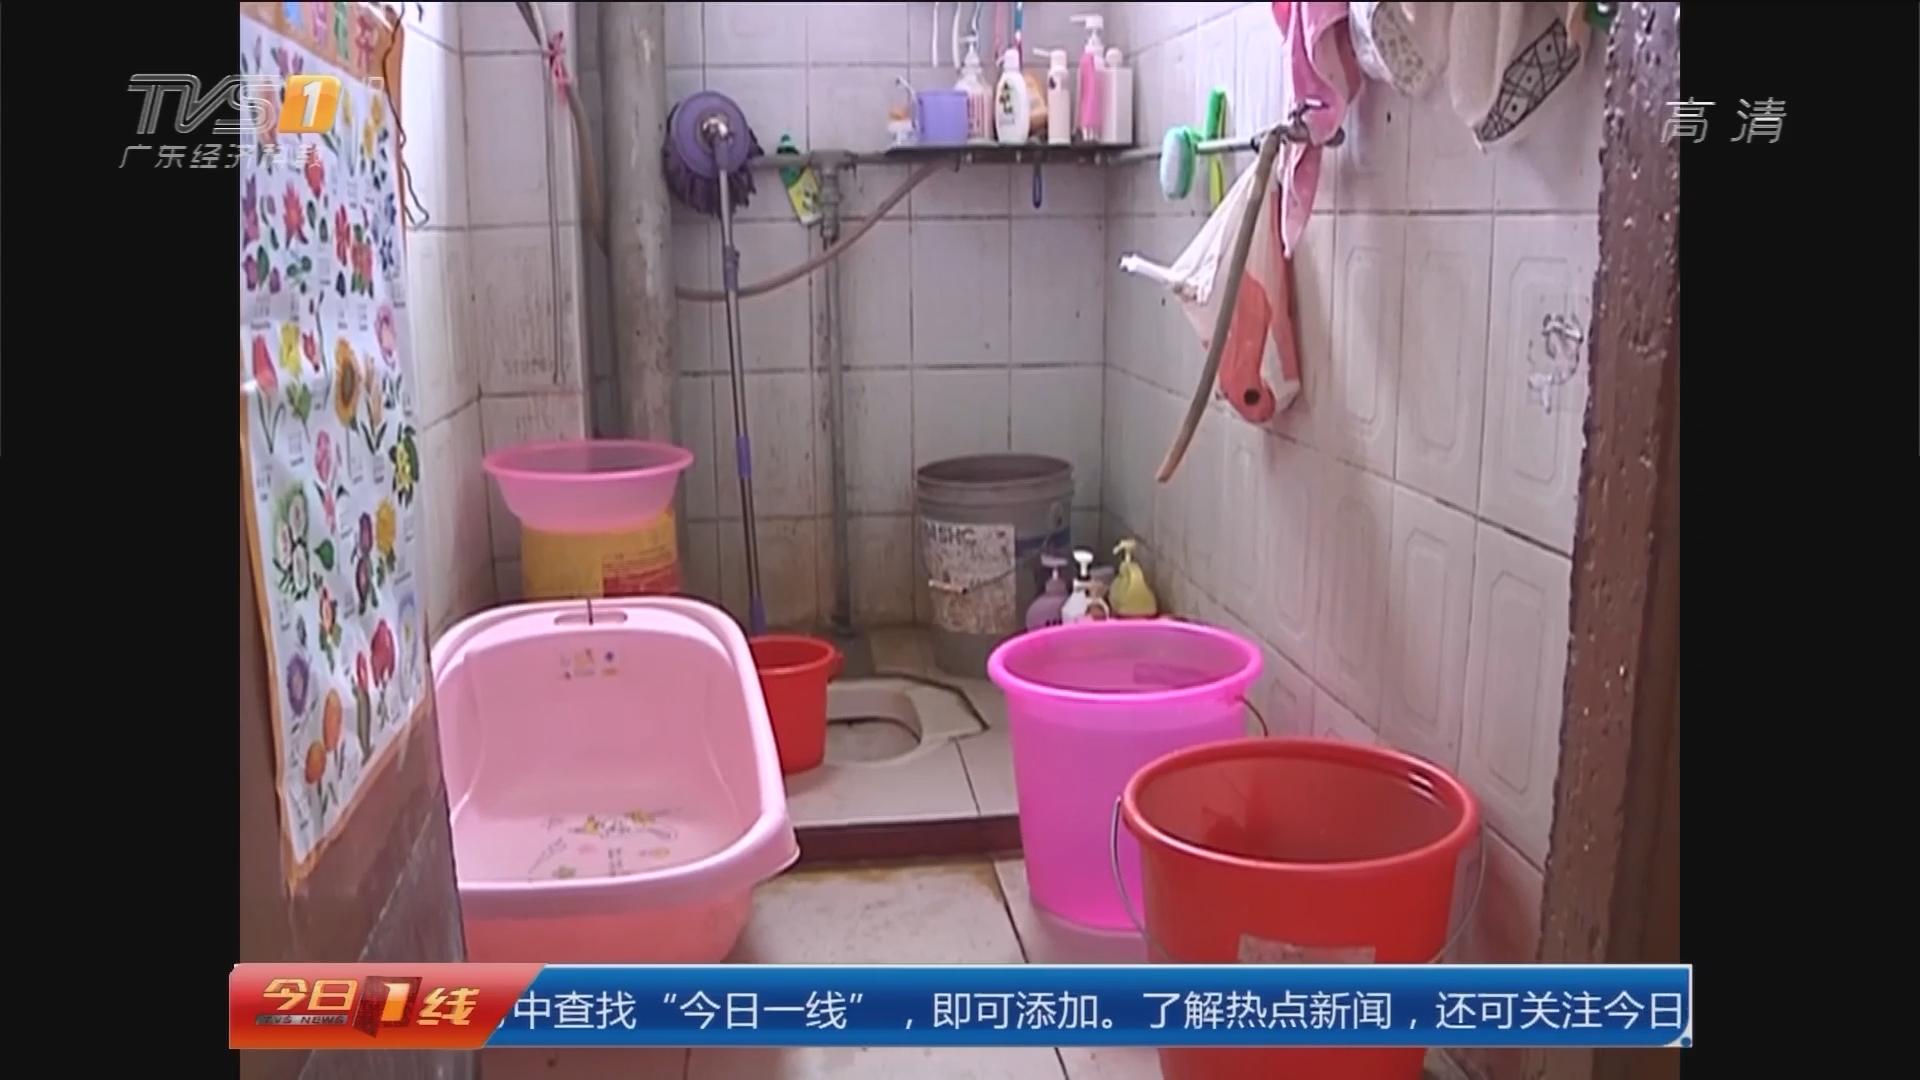 佛山三水:居民用水难 投资百万重铺水管